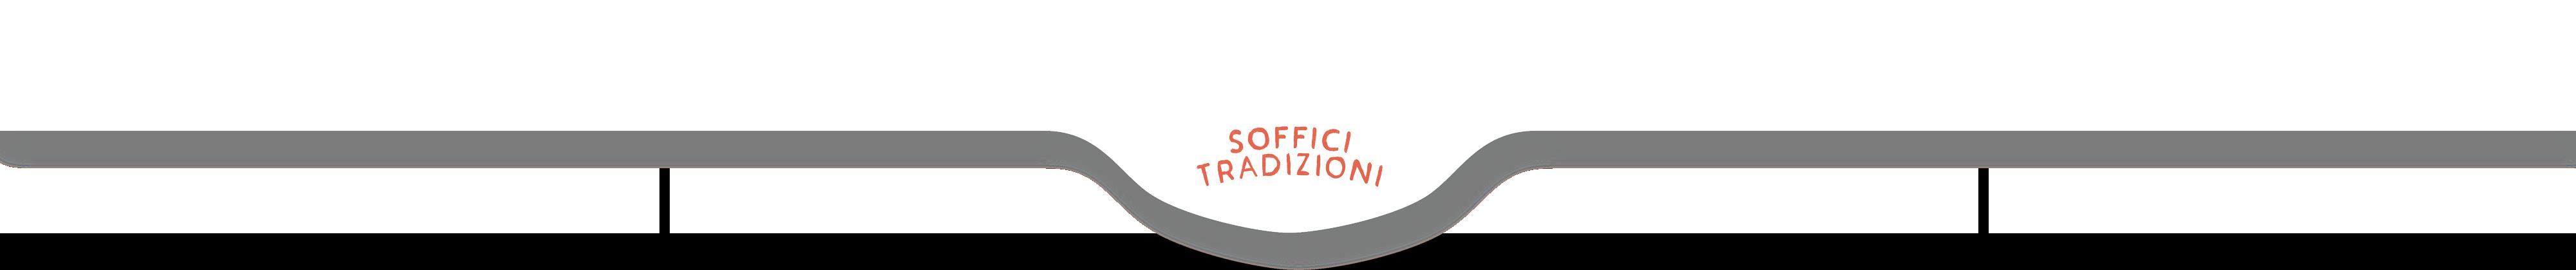 soffici-tradizioni-header-sito-new